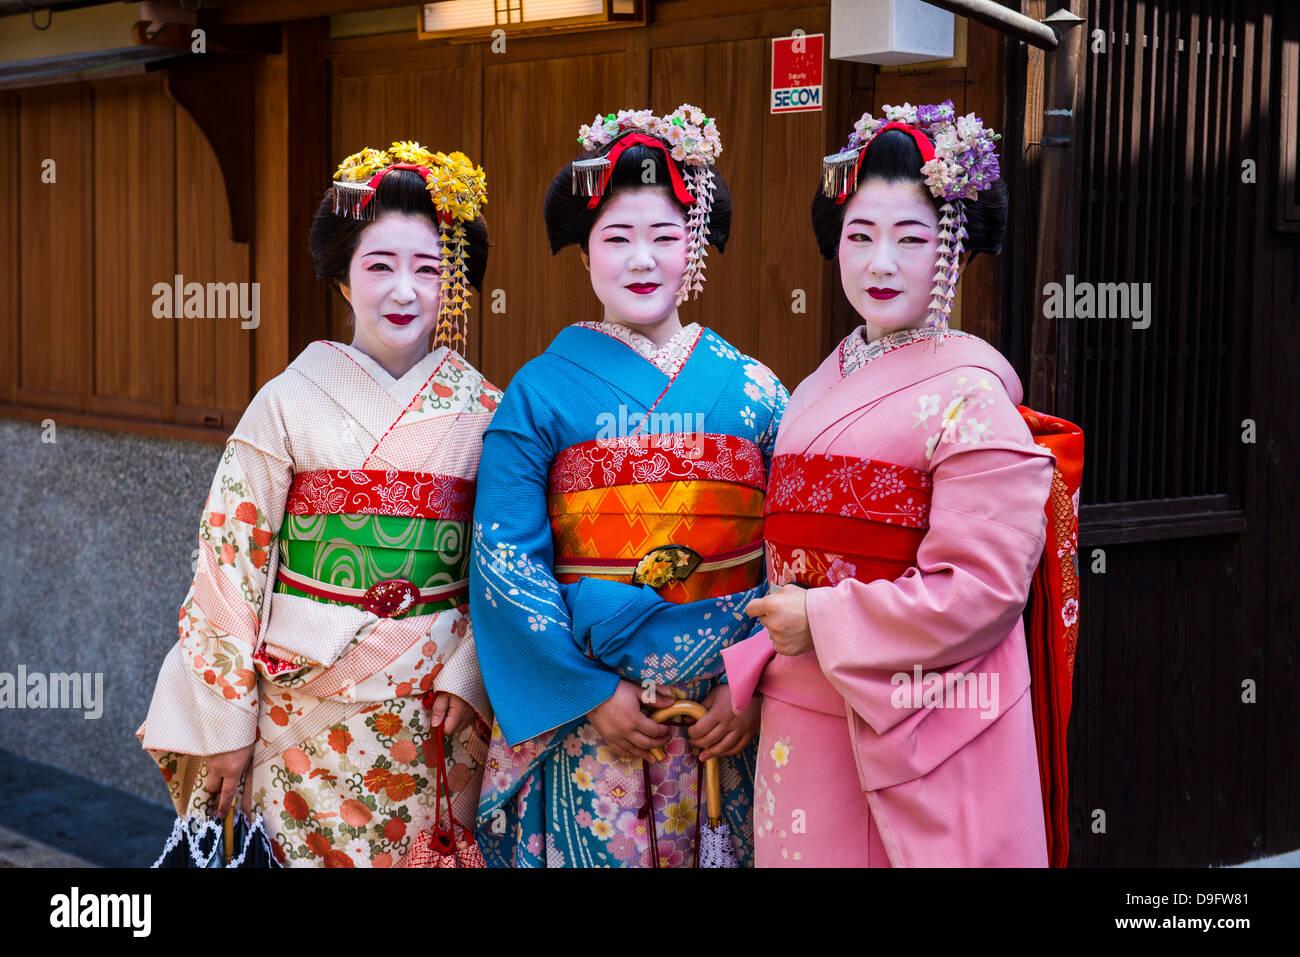 Tradizionalmente condita geishe nel vecchio quartiere di Kyoto, Giappone Immagini Stock